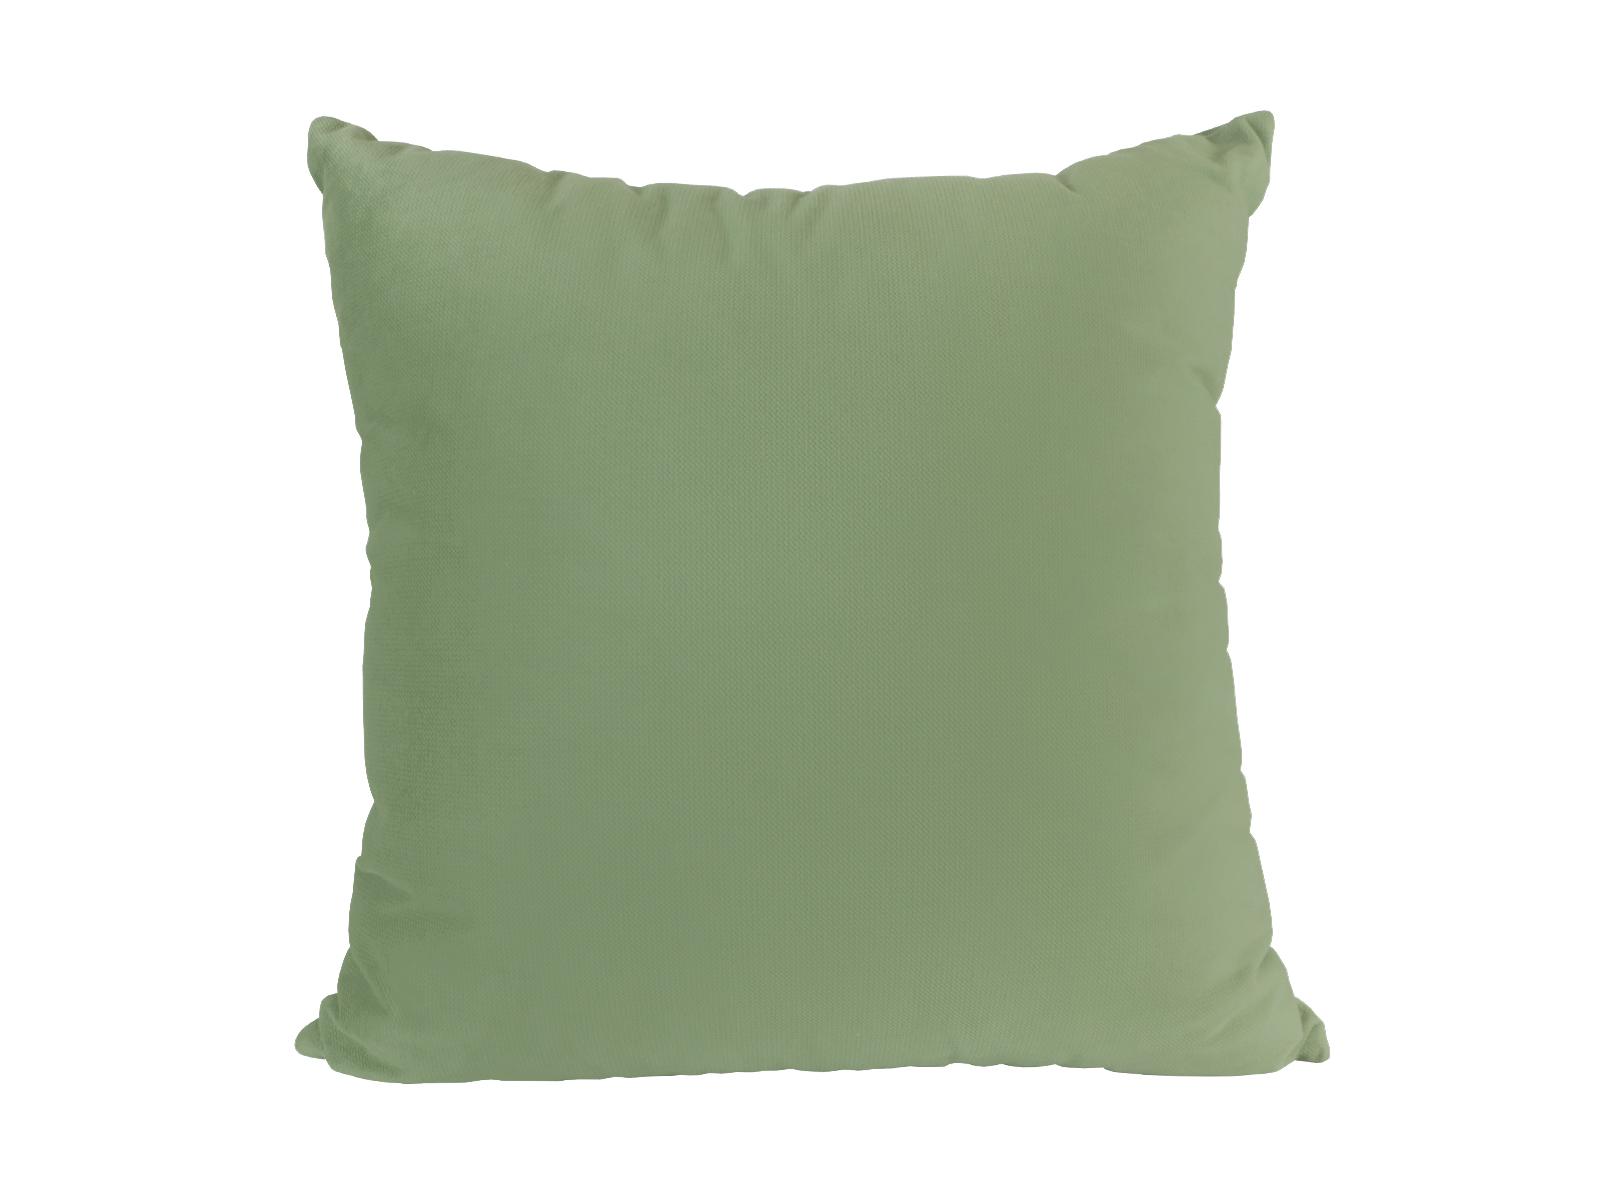 Подушка CaliforniaДекоративные подушки<br>Декоративная подушка<br>